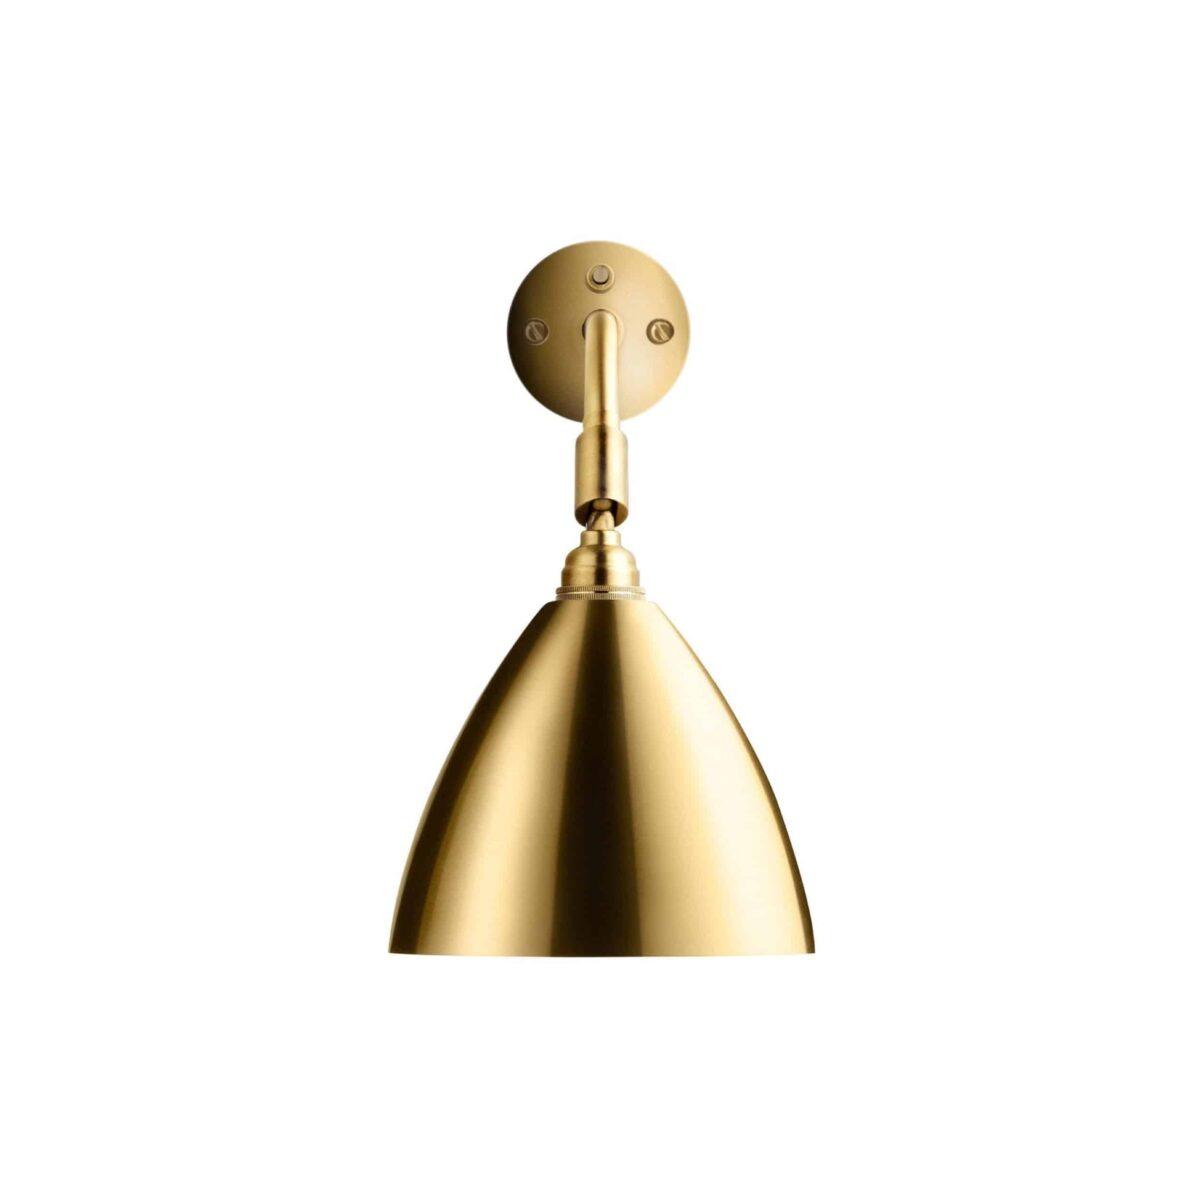 gubi-bestlite-wall-lamp-BL7-all-brass-01